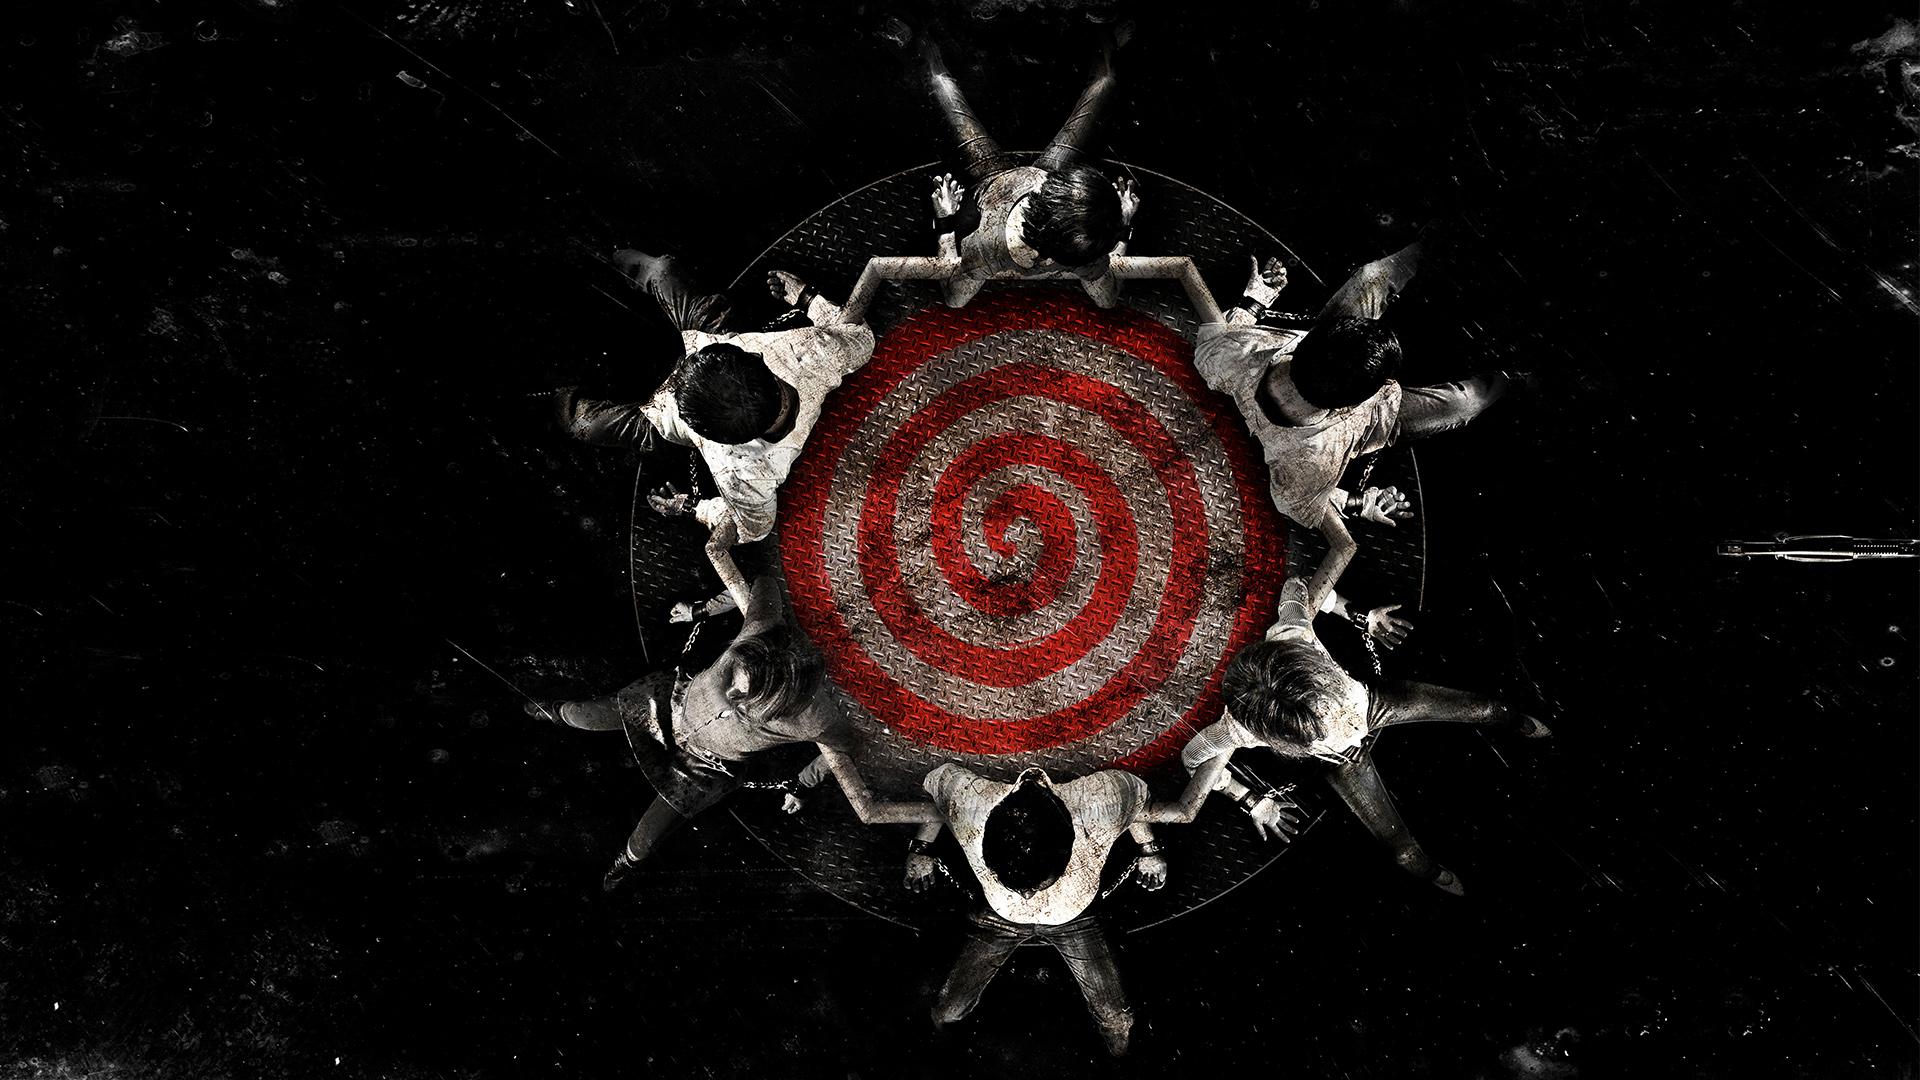 Saw VI Art - ID: 102962 - Art Abyss